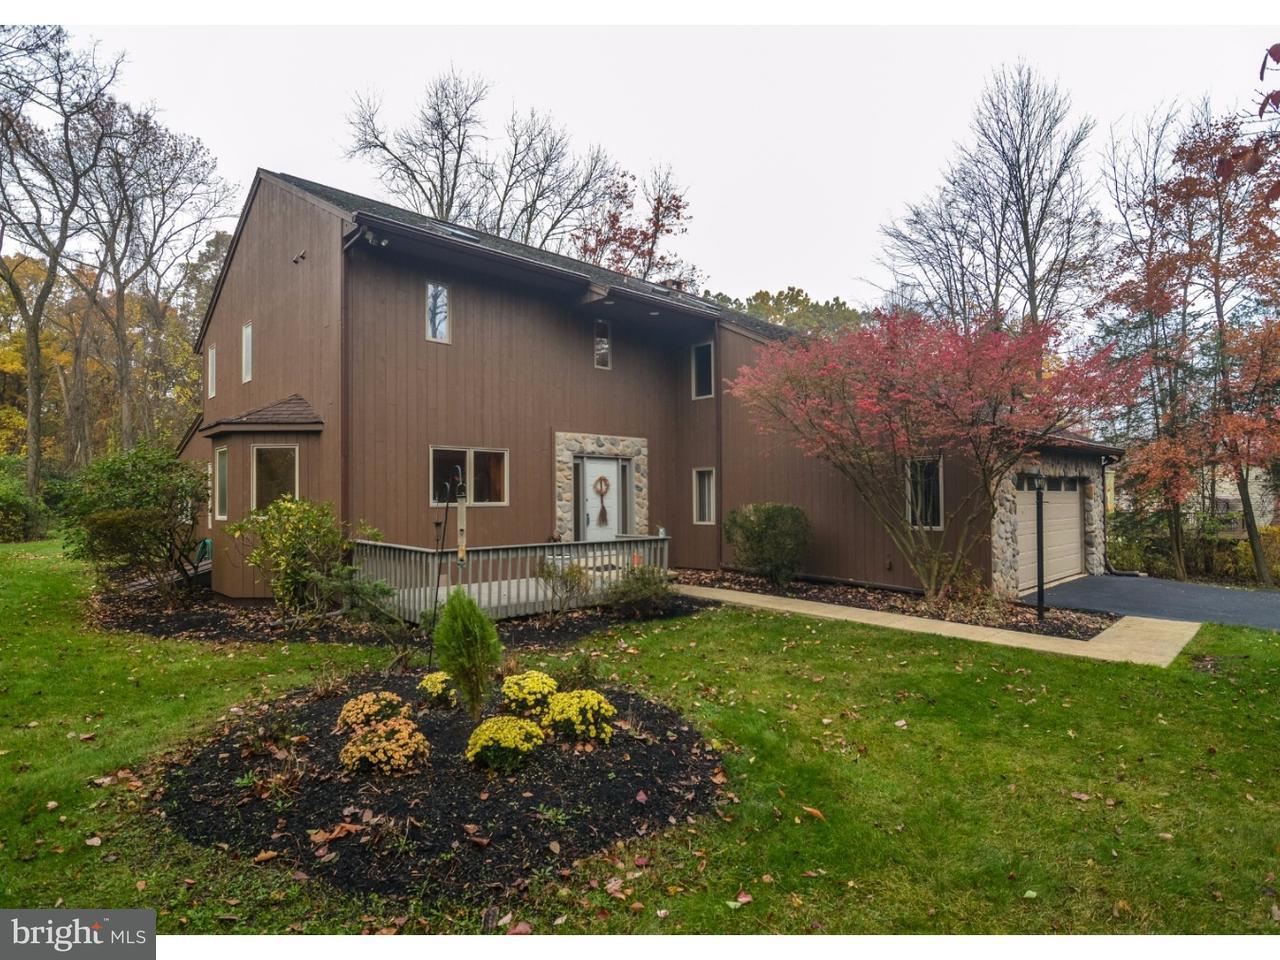 Частный односемейный дом для того Продажа на 44 CEPP Road Perkiomenville, Пенсильвания 18074 Соединенные Штаты